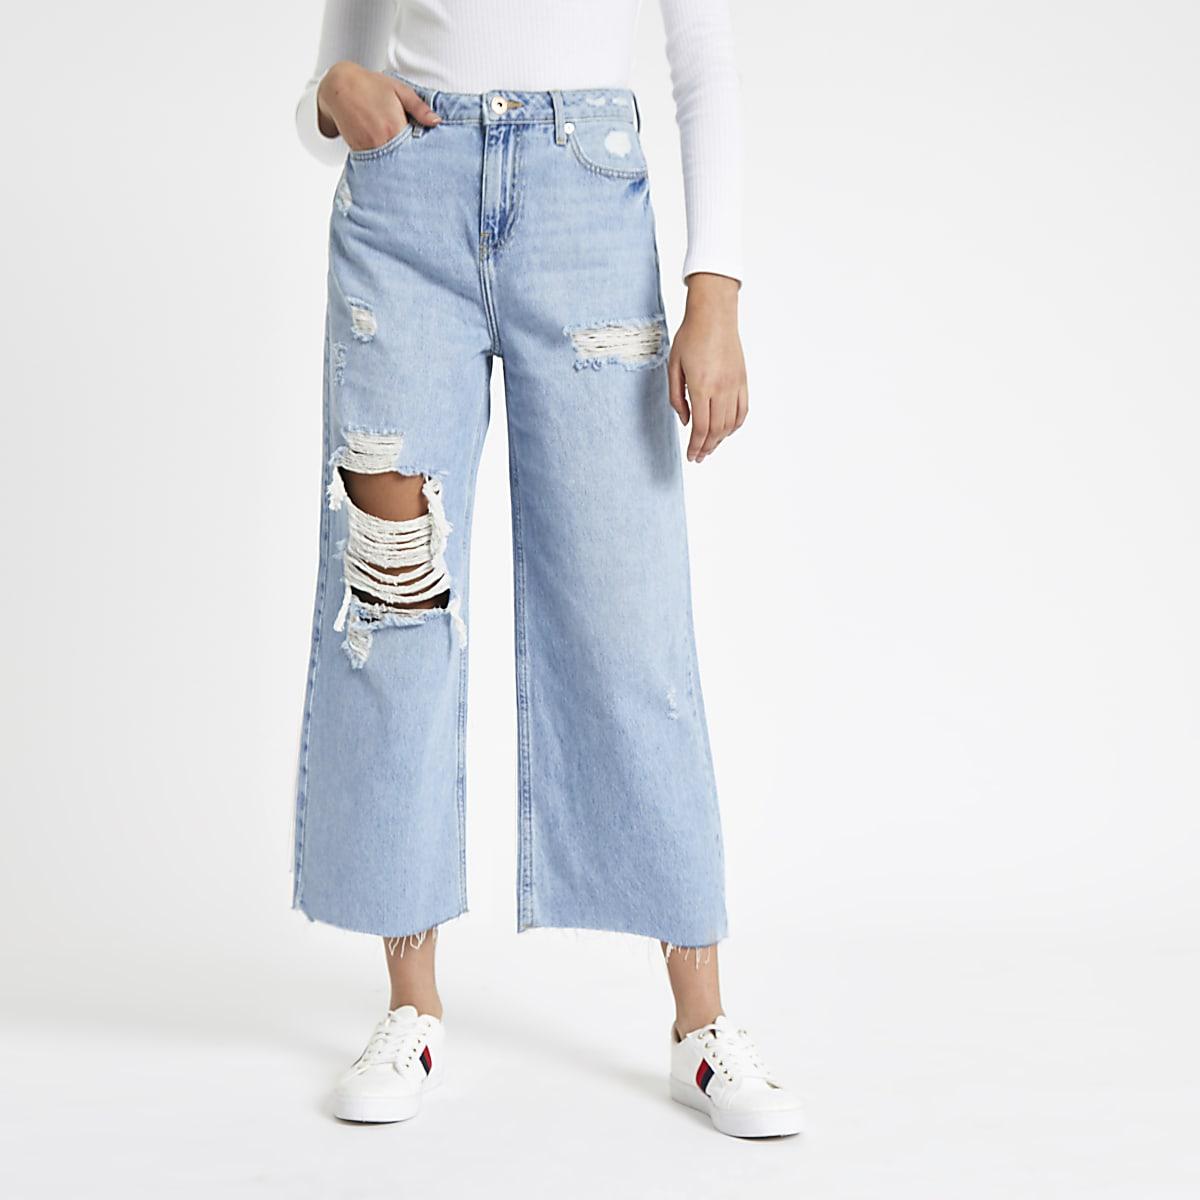 Alexa - Blauwe cropped ripped jeans met wijde pijpen